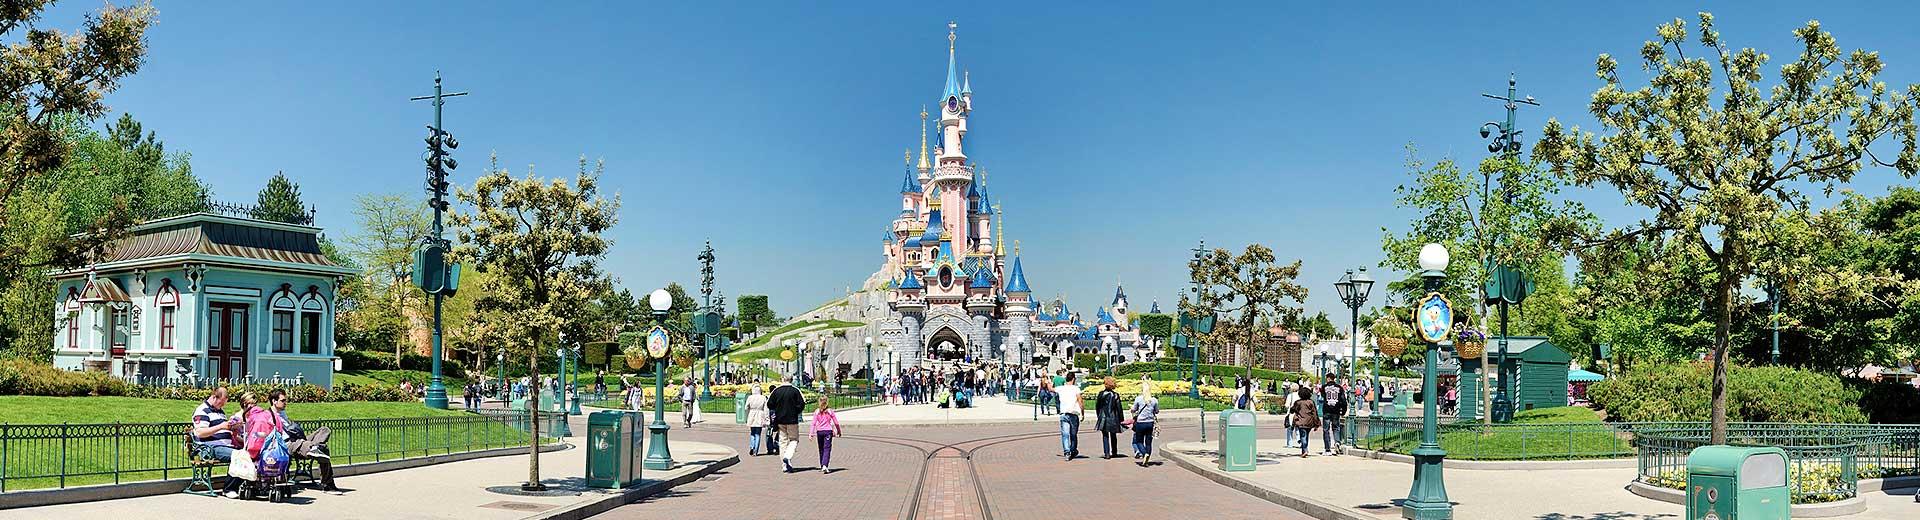 Le monde enchanté de Disney®